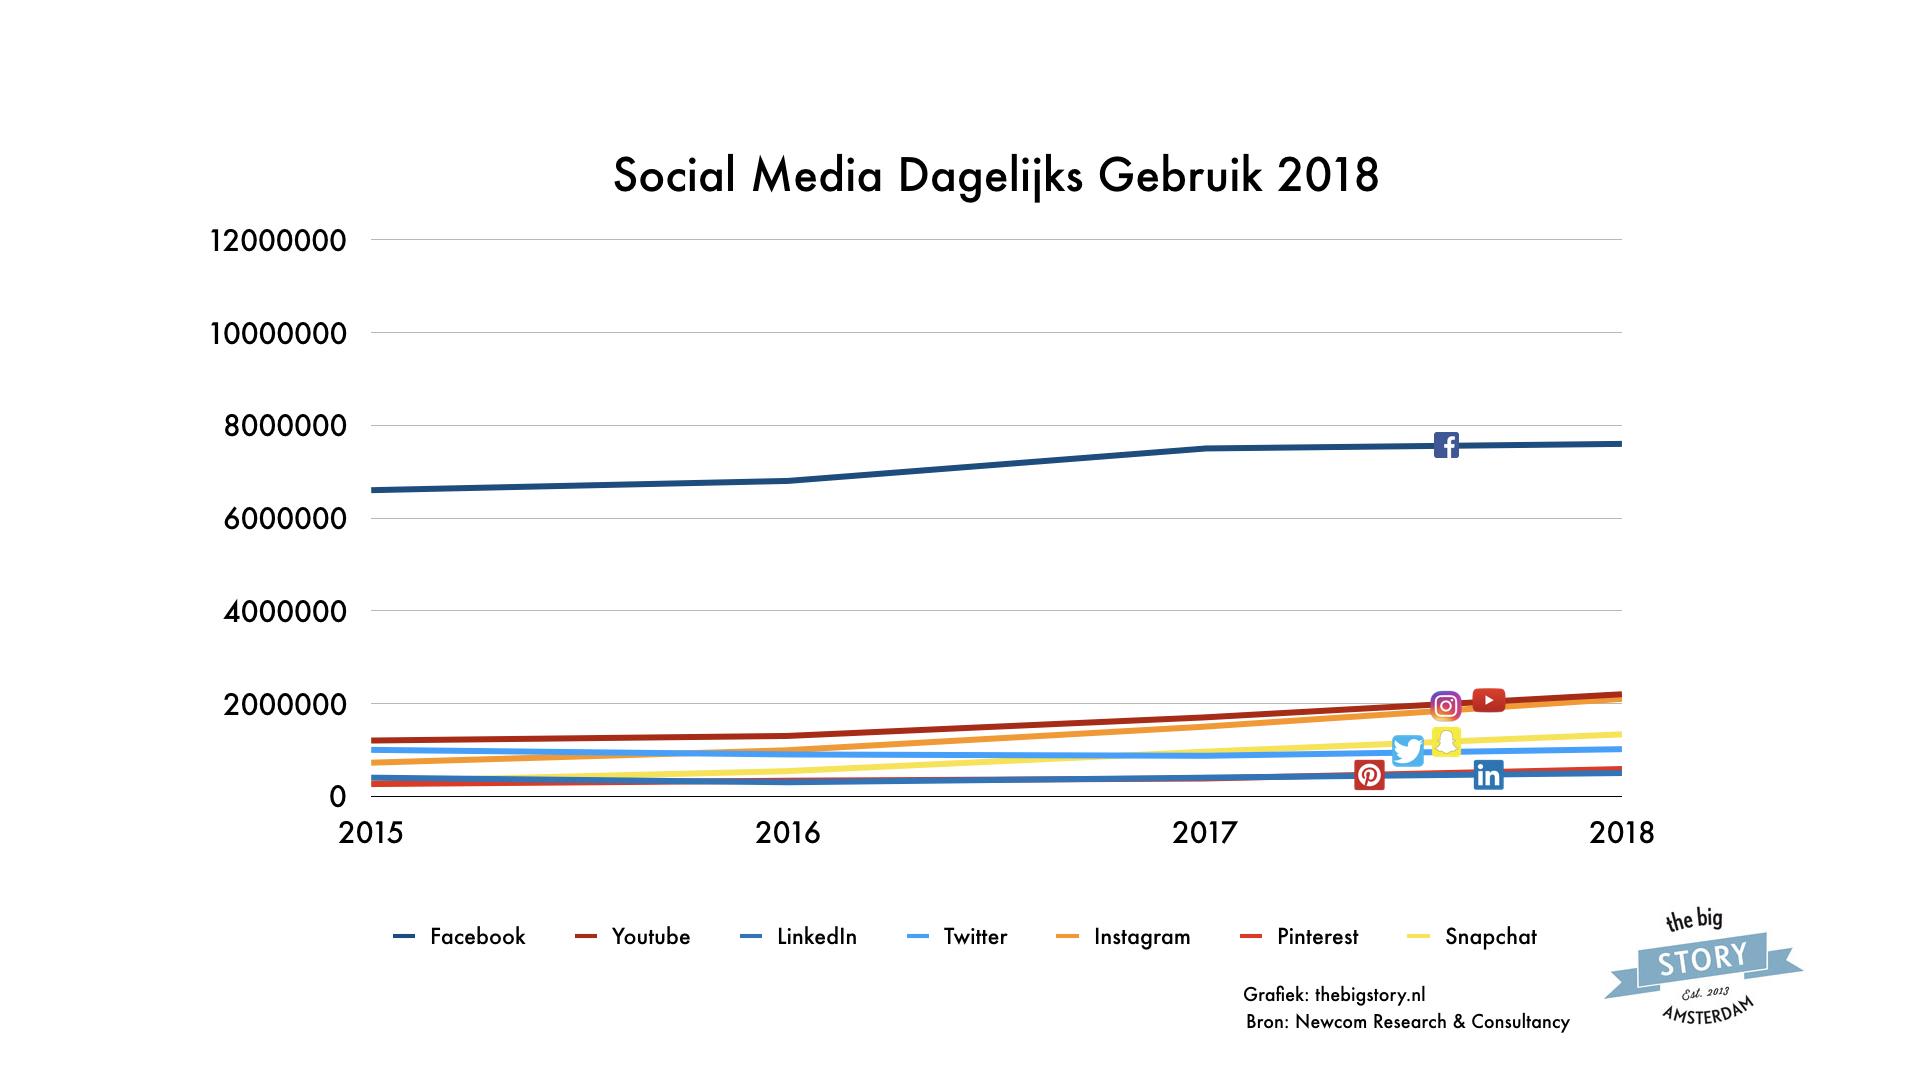 dagelijks social media gebruik nederland 2018